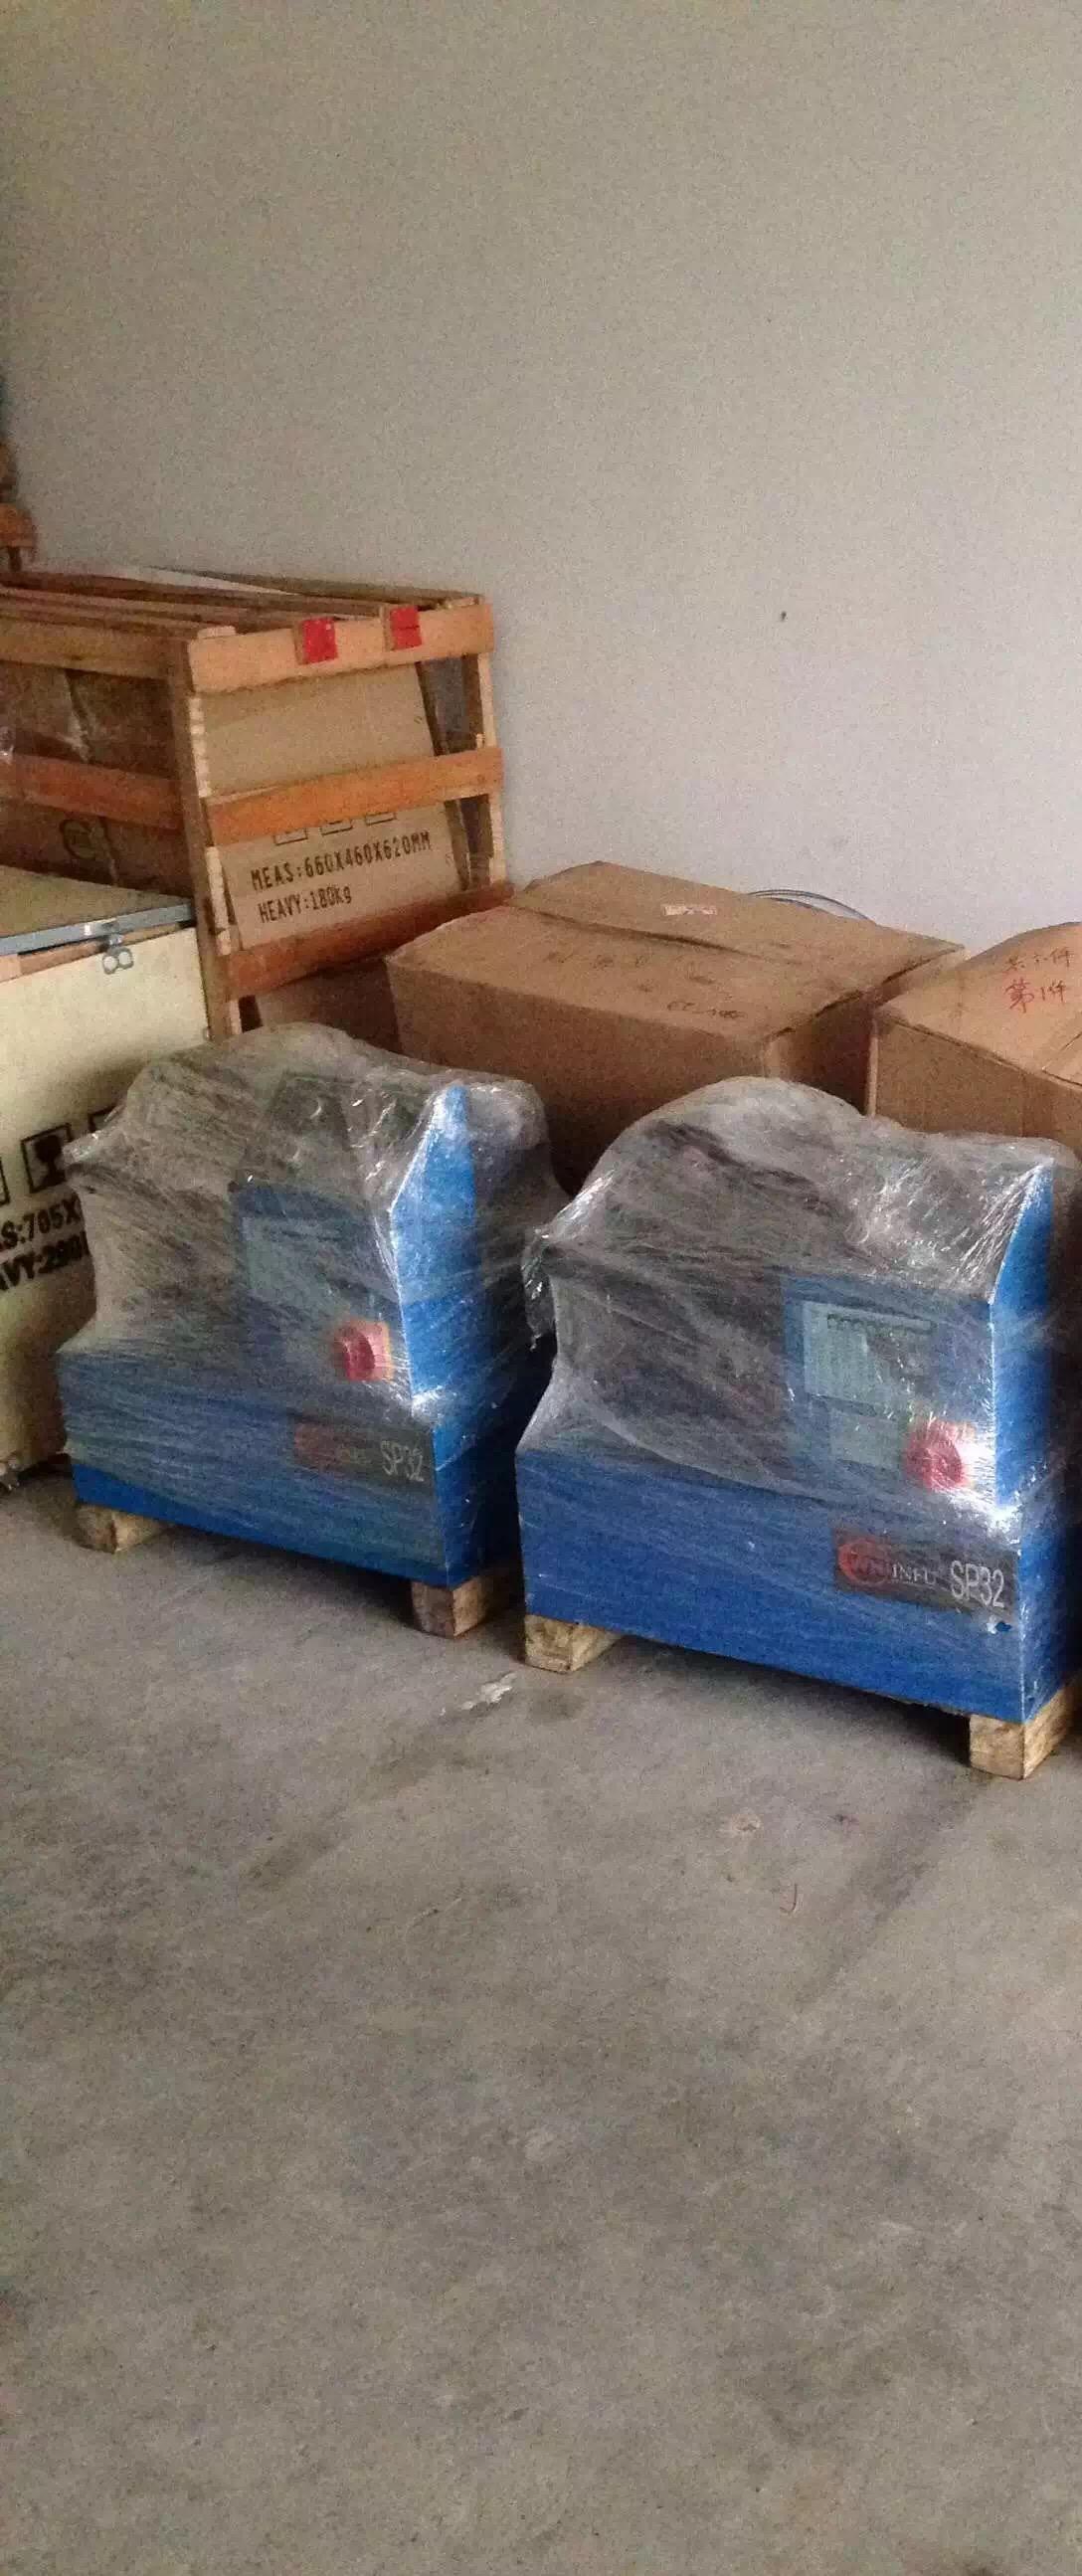 西安压管机厂家,西安压管机怎么卖的?西安压管机是什么价格呢 - 2